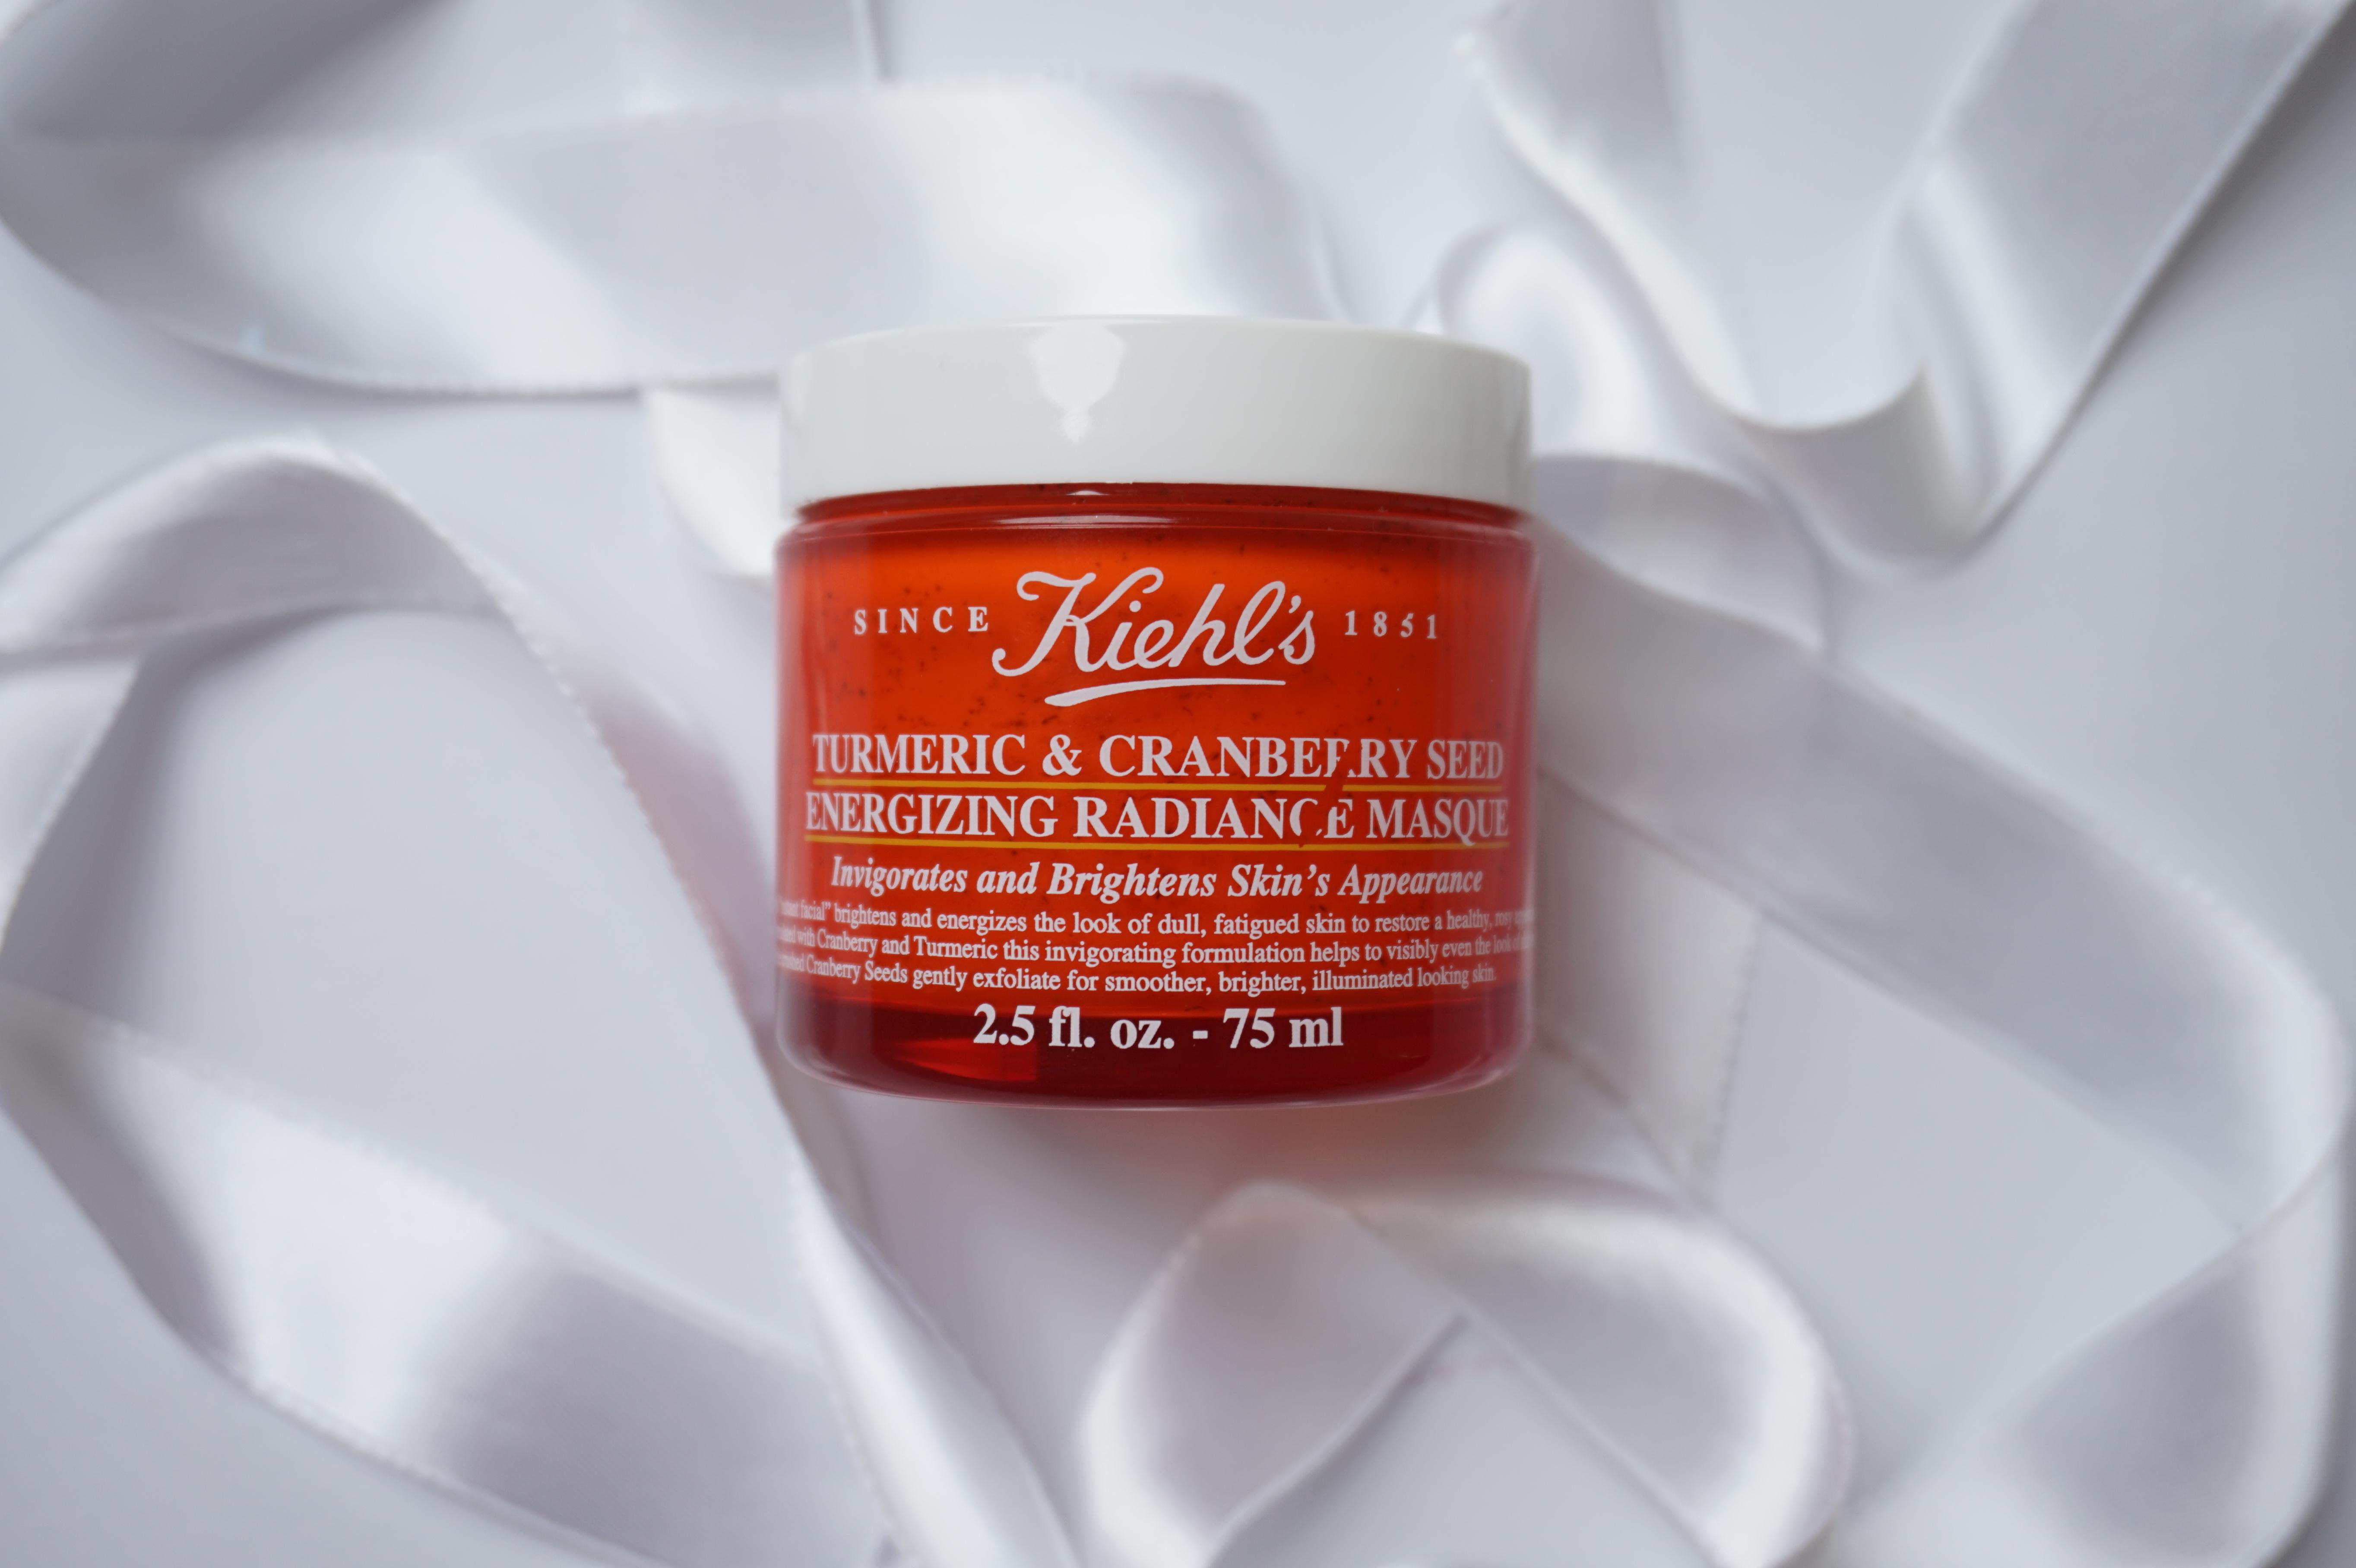 Kiehl's Energizing Radiance Masque